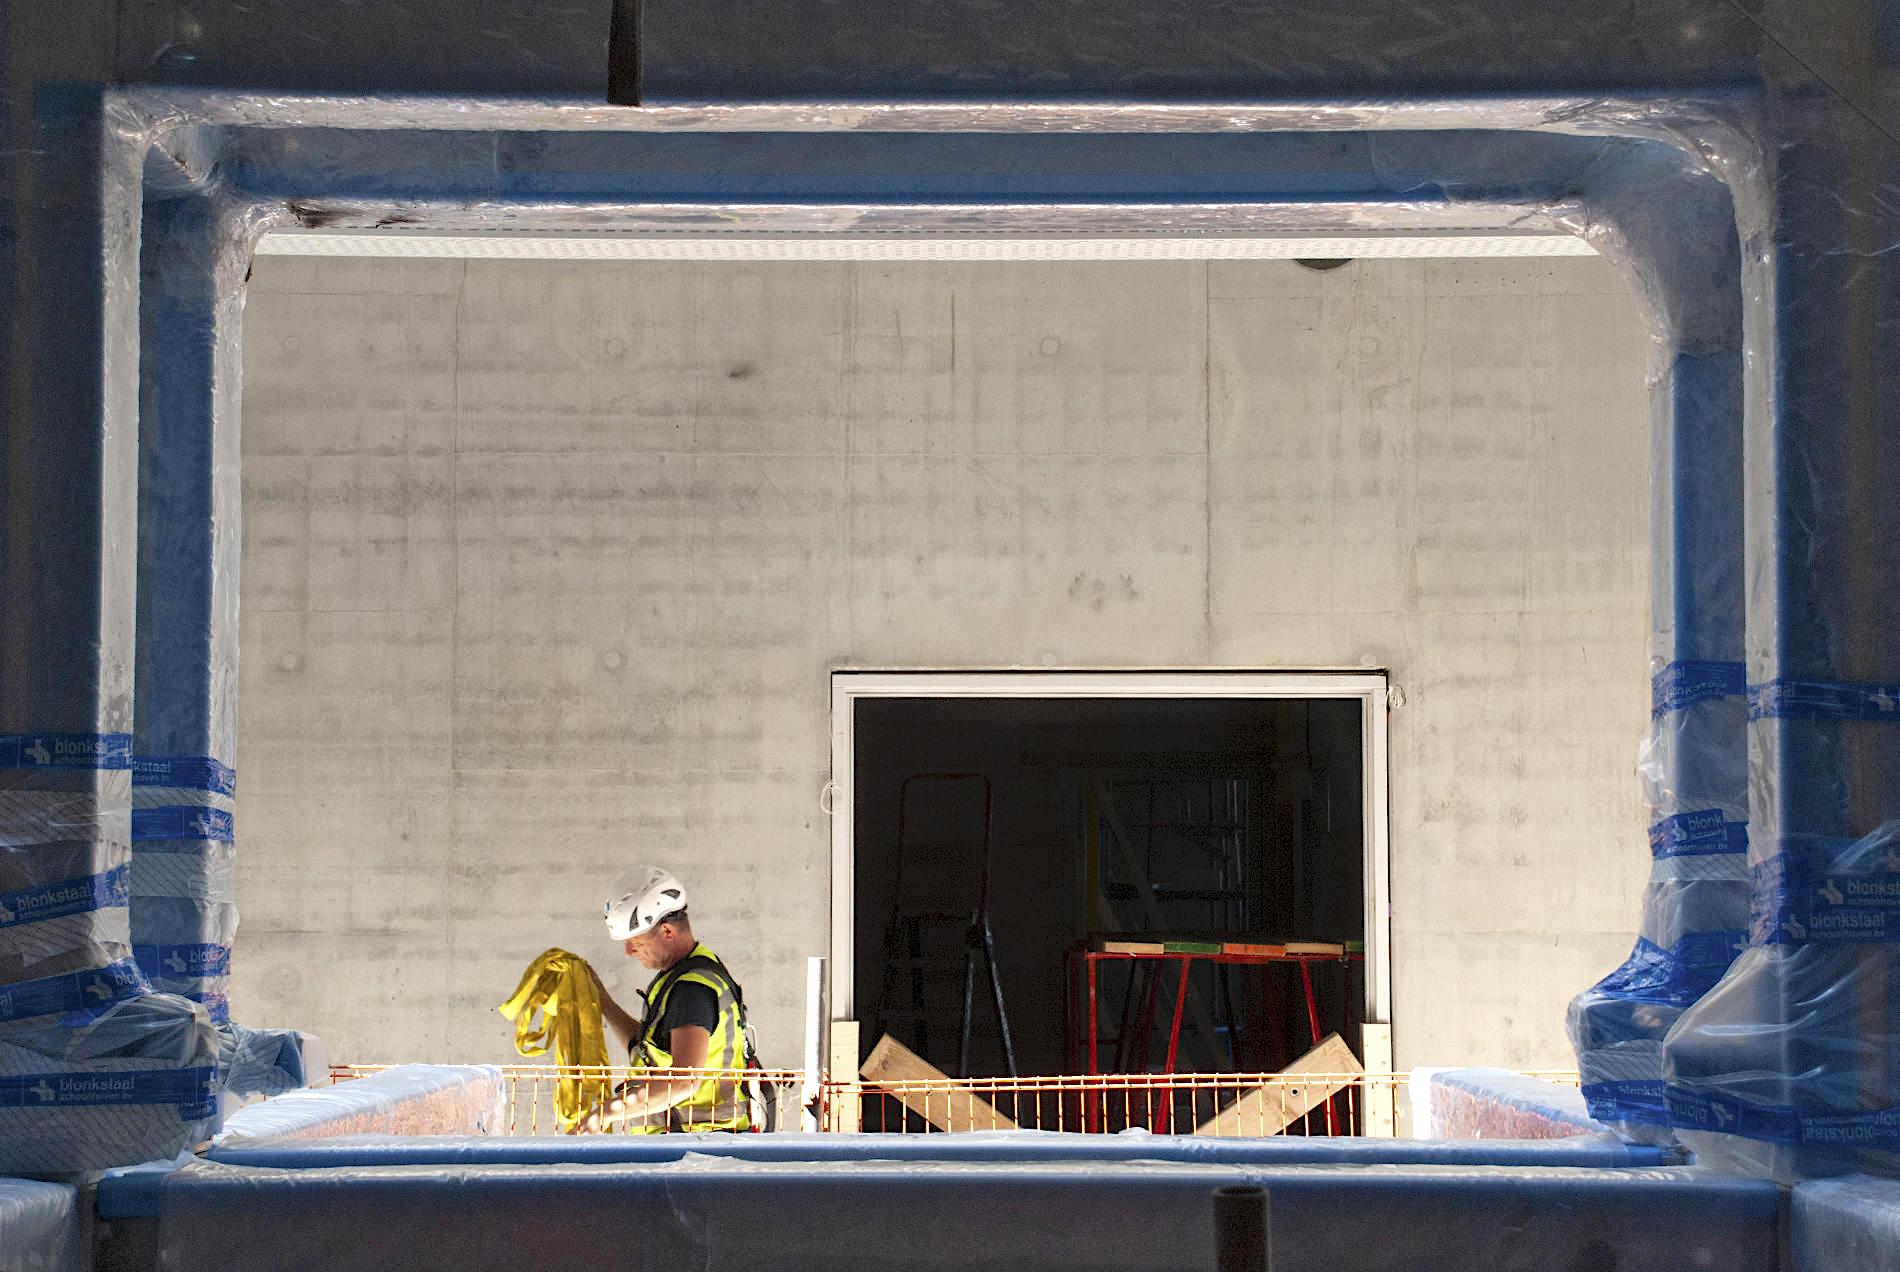 Depot Boijmans Van Beuningen. Das Stahlgerüst für die Vitrinenkonstruktion, erdacht von der Künstlerin Marieke van Diemen in Zusammenarbeit mit MVRDV, ist bereits an Ort und Stelle.